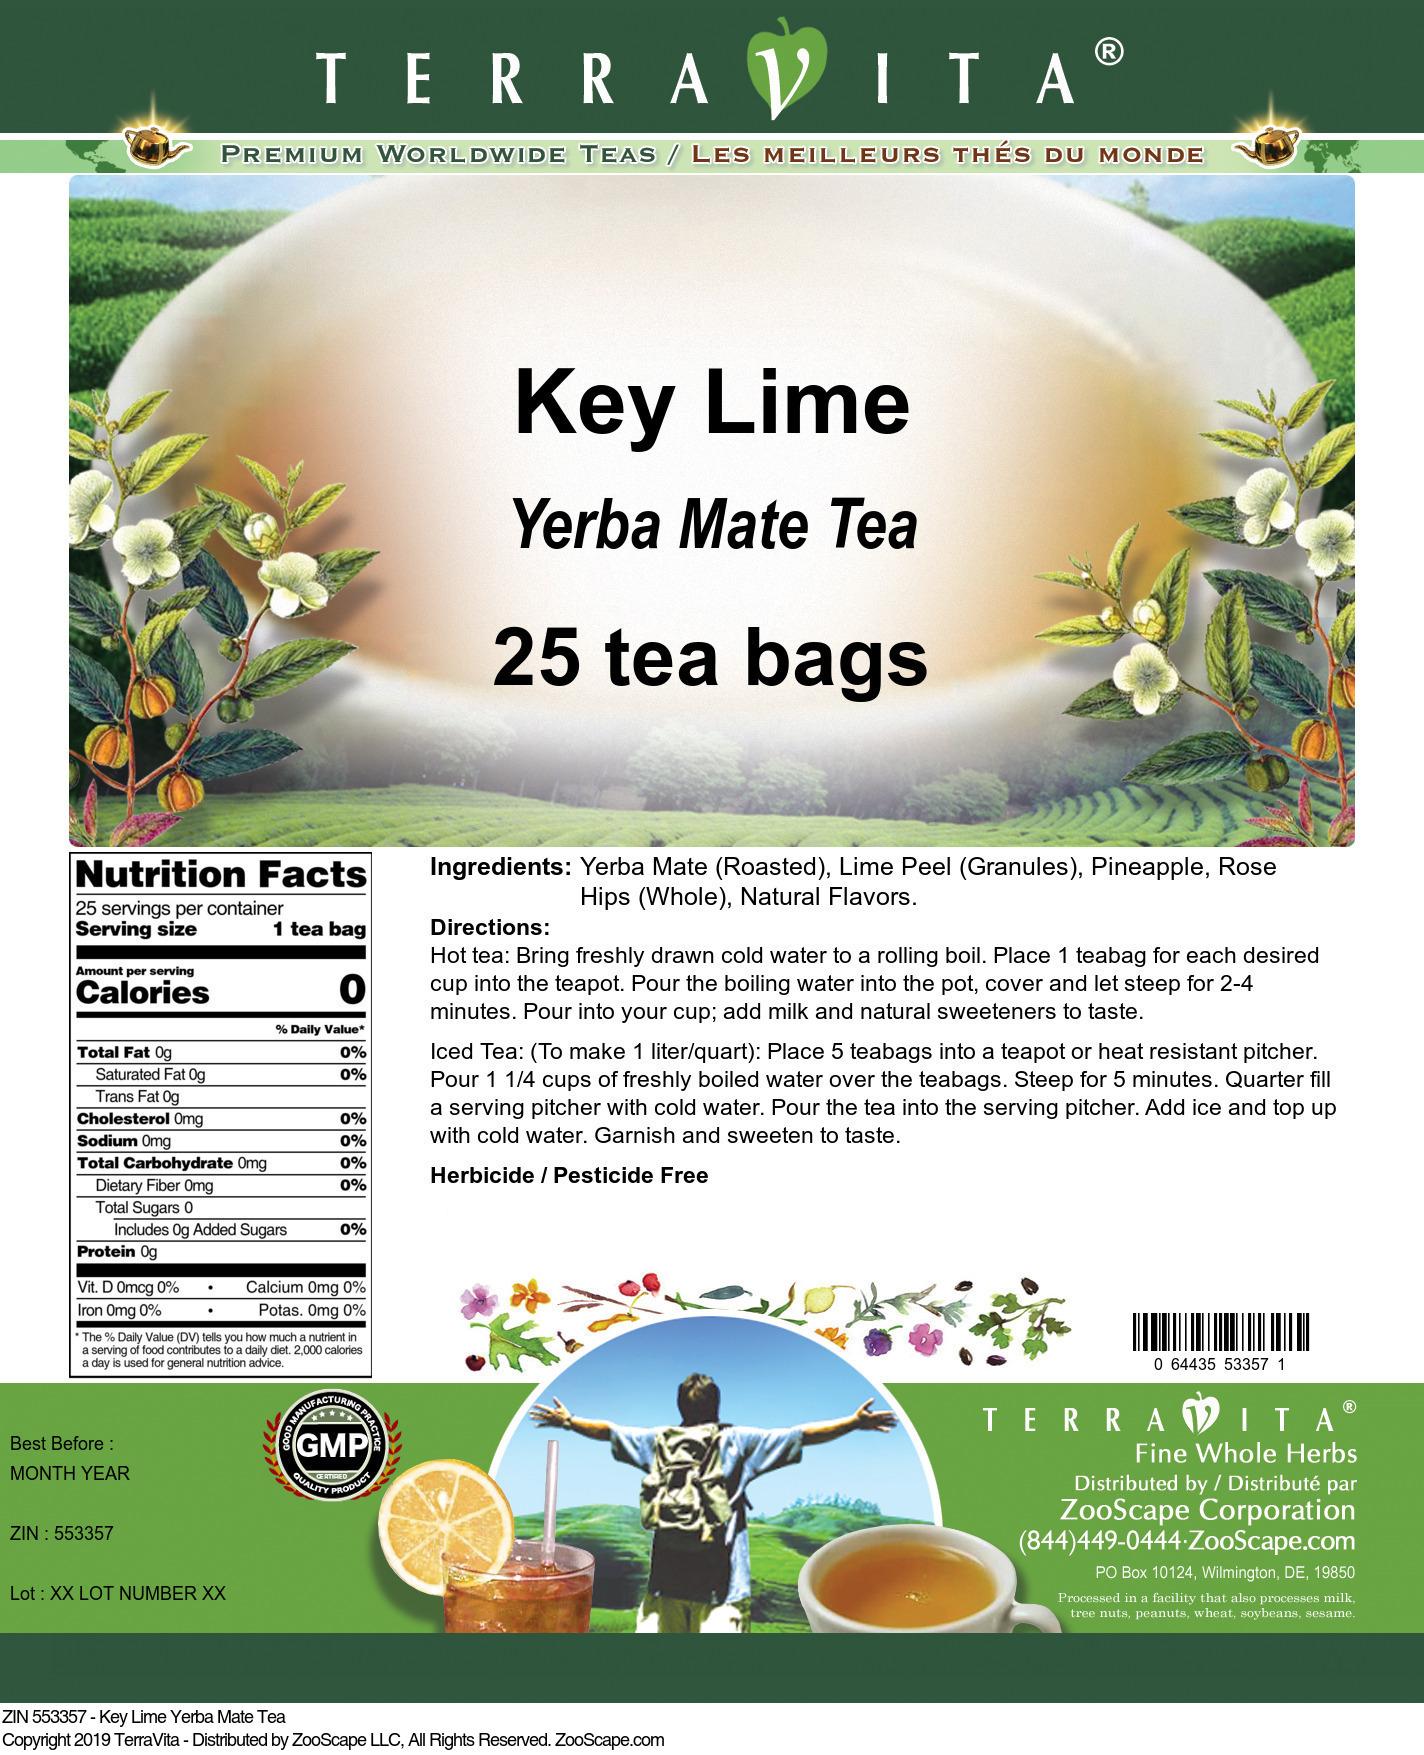 Key Lime Yerba Mate Tea